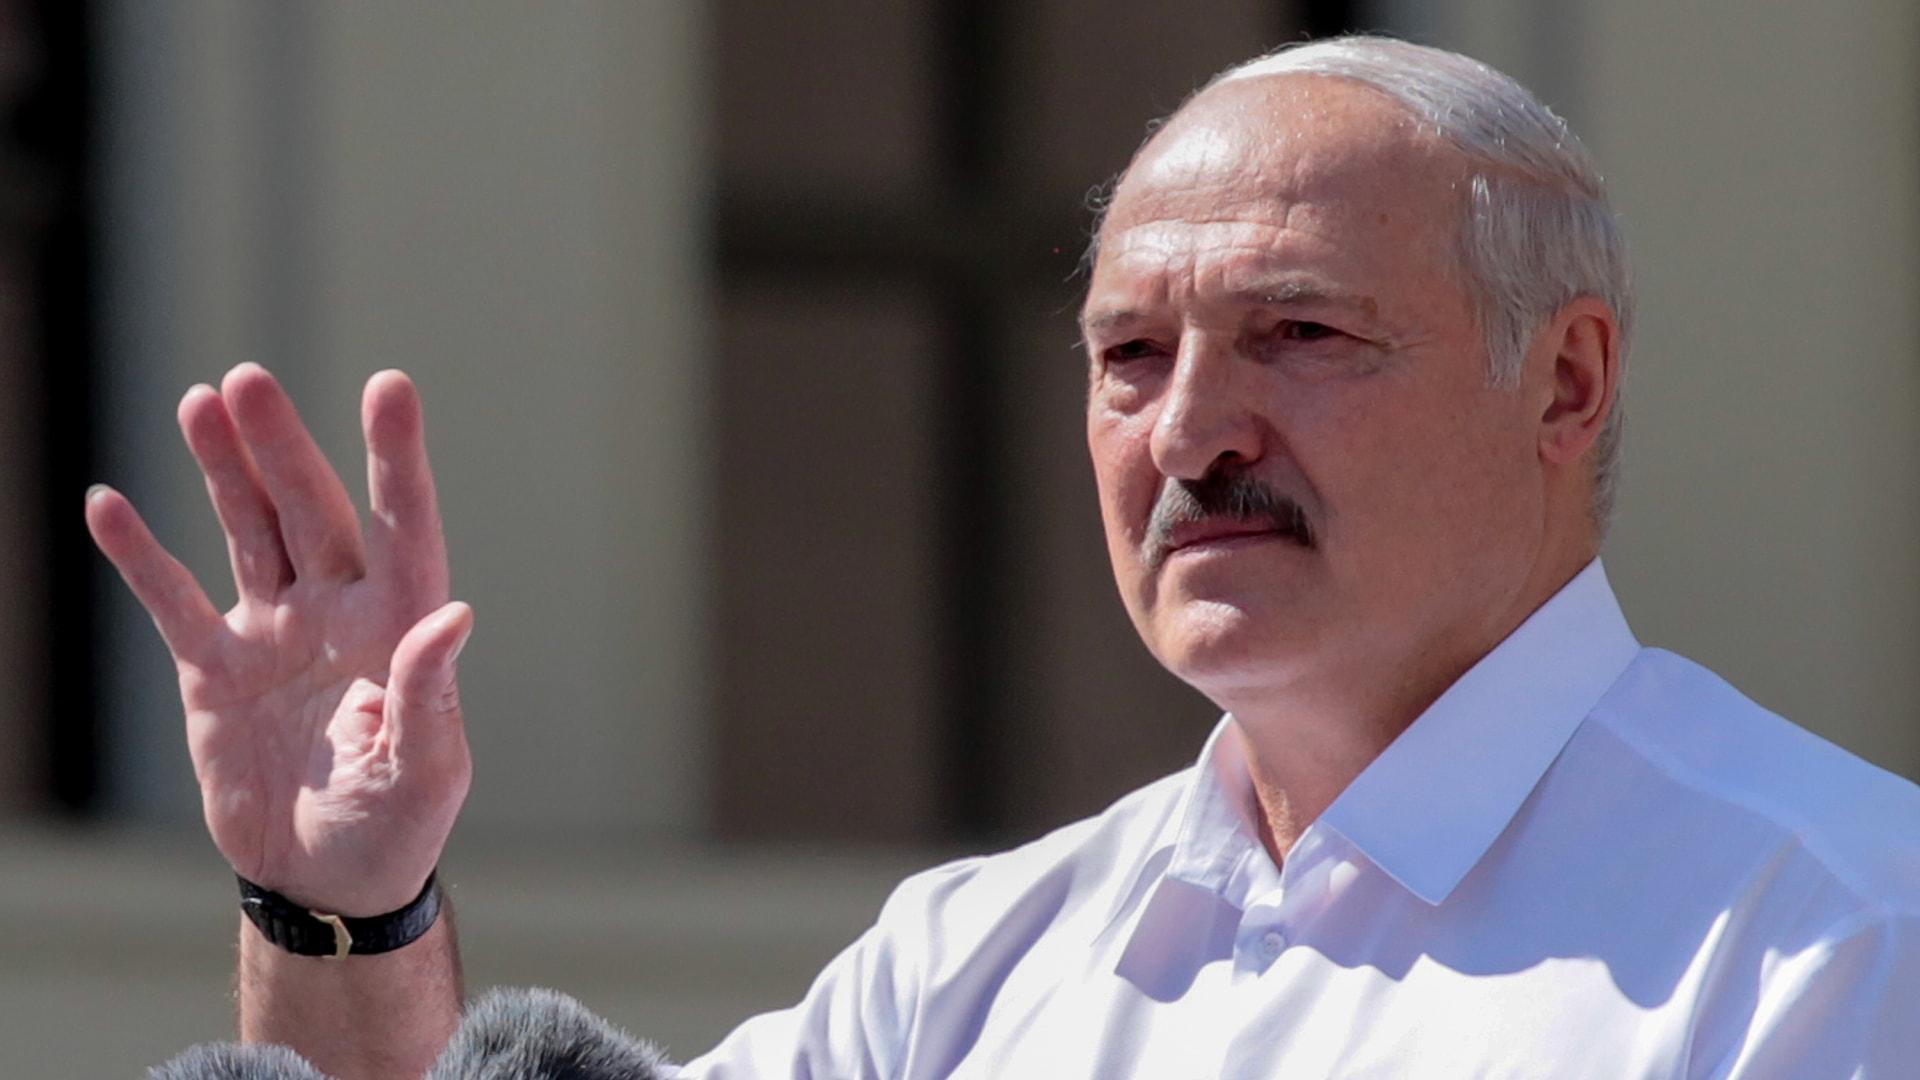 نوفوستي: التقاط صورة لرئيس بيلاروسيا حاملا بندقية مع تزايد وتيرة الاحتجاجات ضده